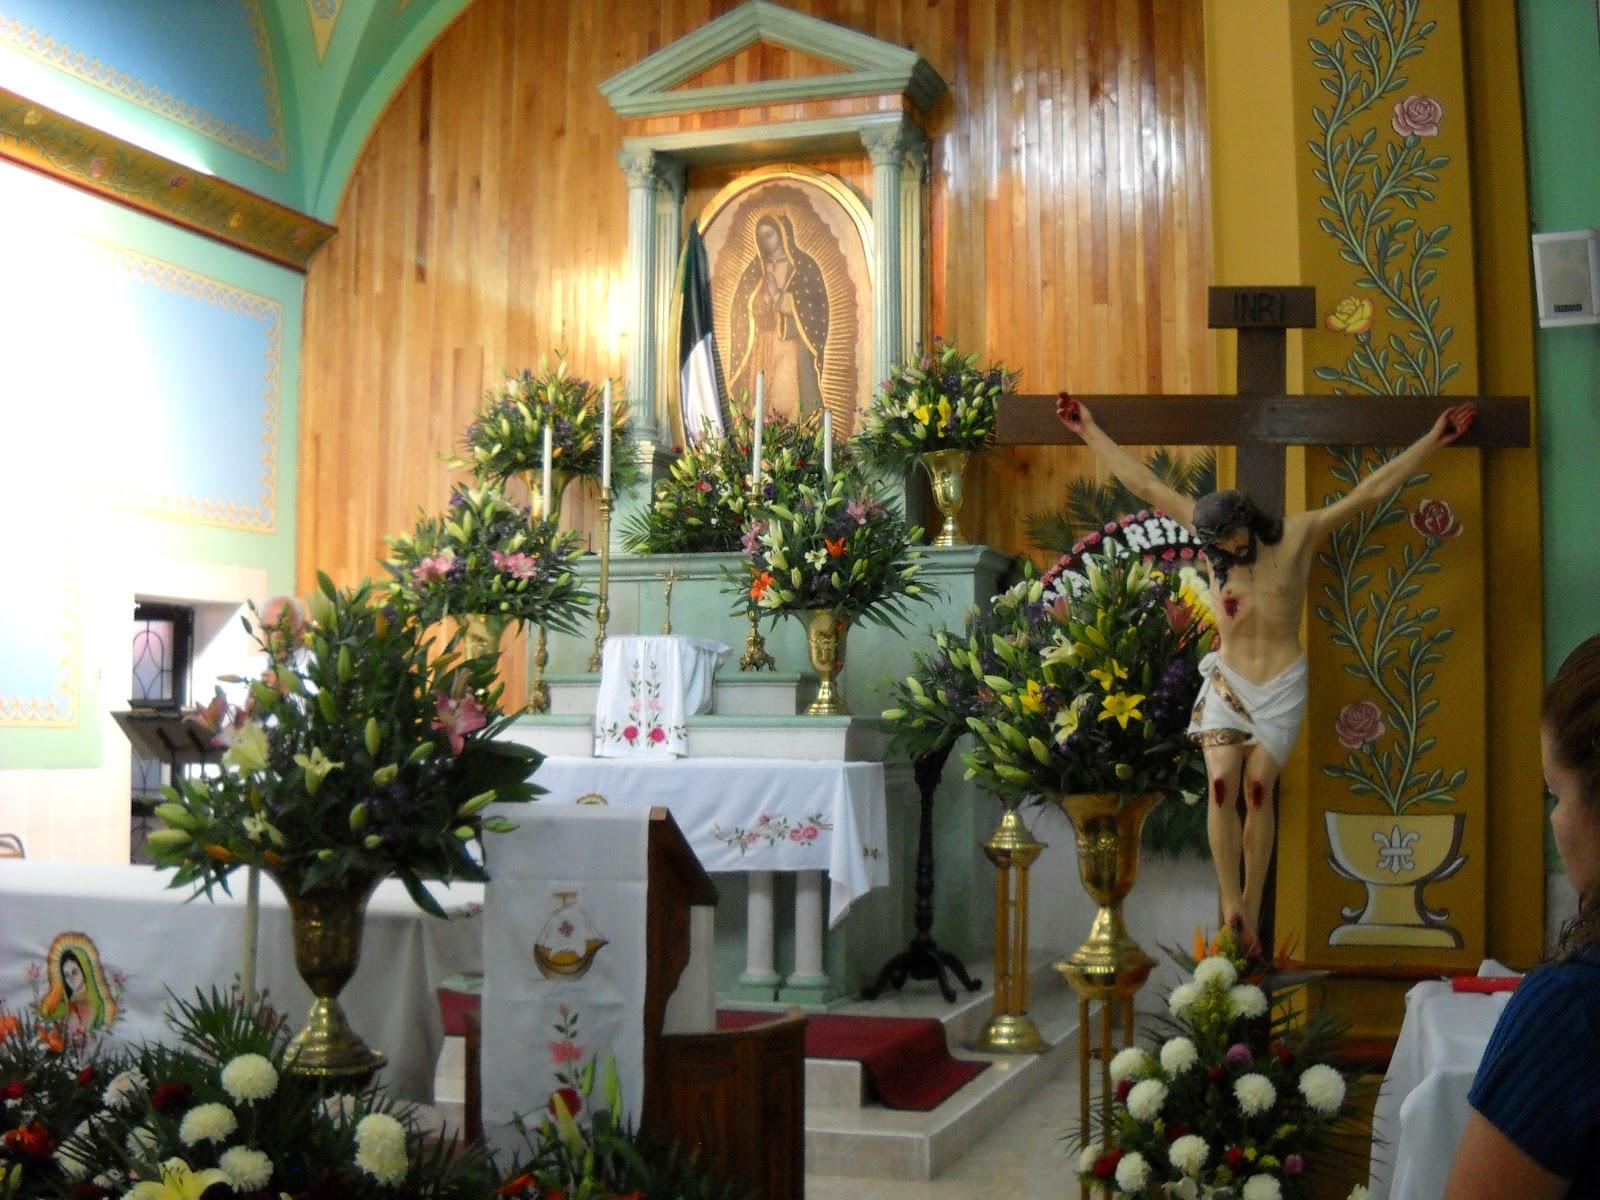 Decoracion Altar Virgen De Guadalupe ~ la tilma con la im?gen de la virgen de guadalupe